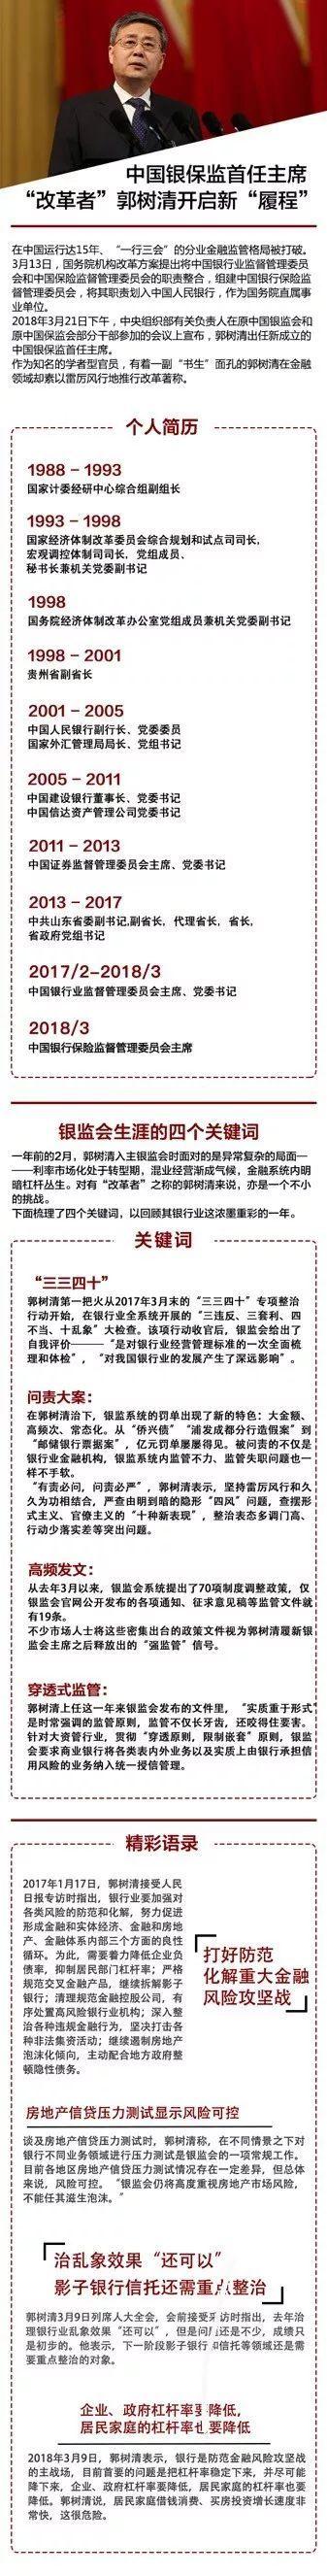 郭树清任中国银保监首任主席;SOHO中国看空楼市被边缘丨功夫早课